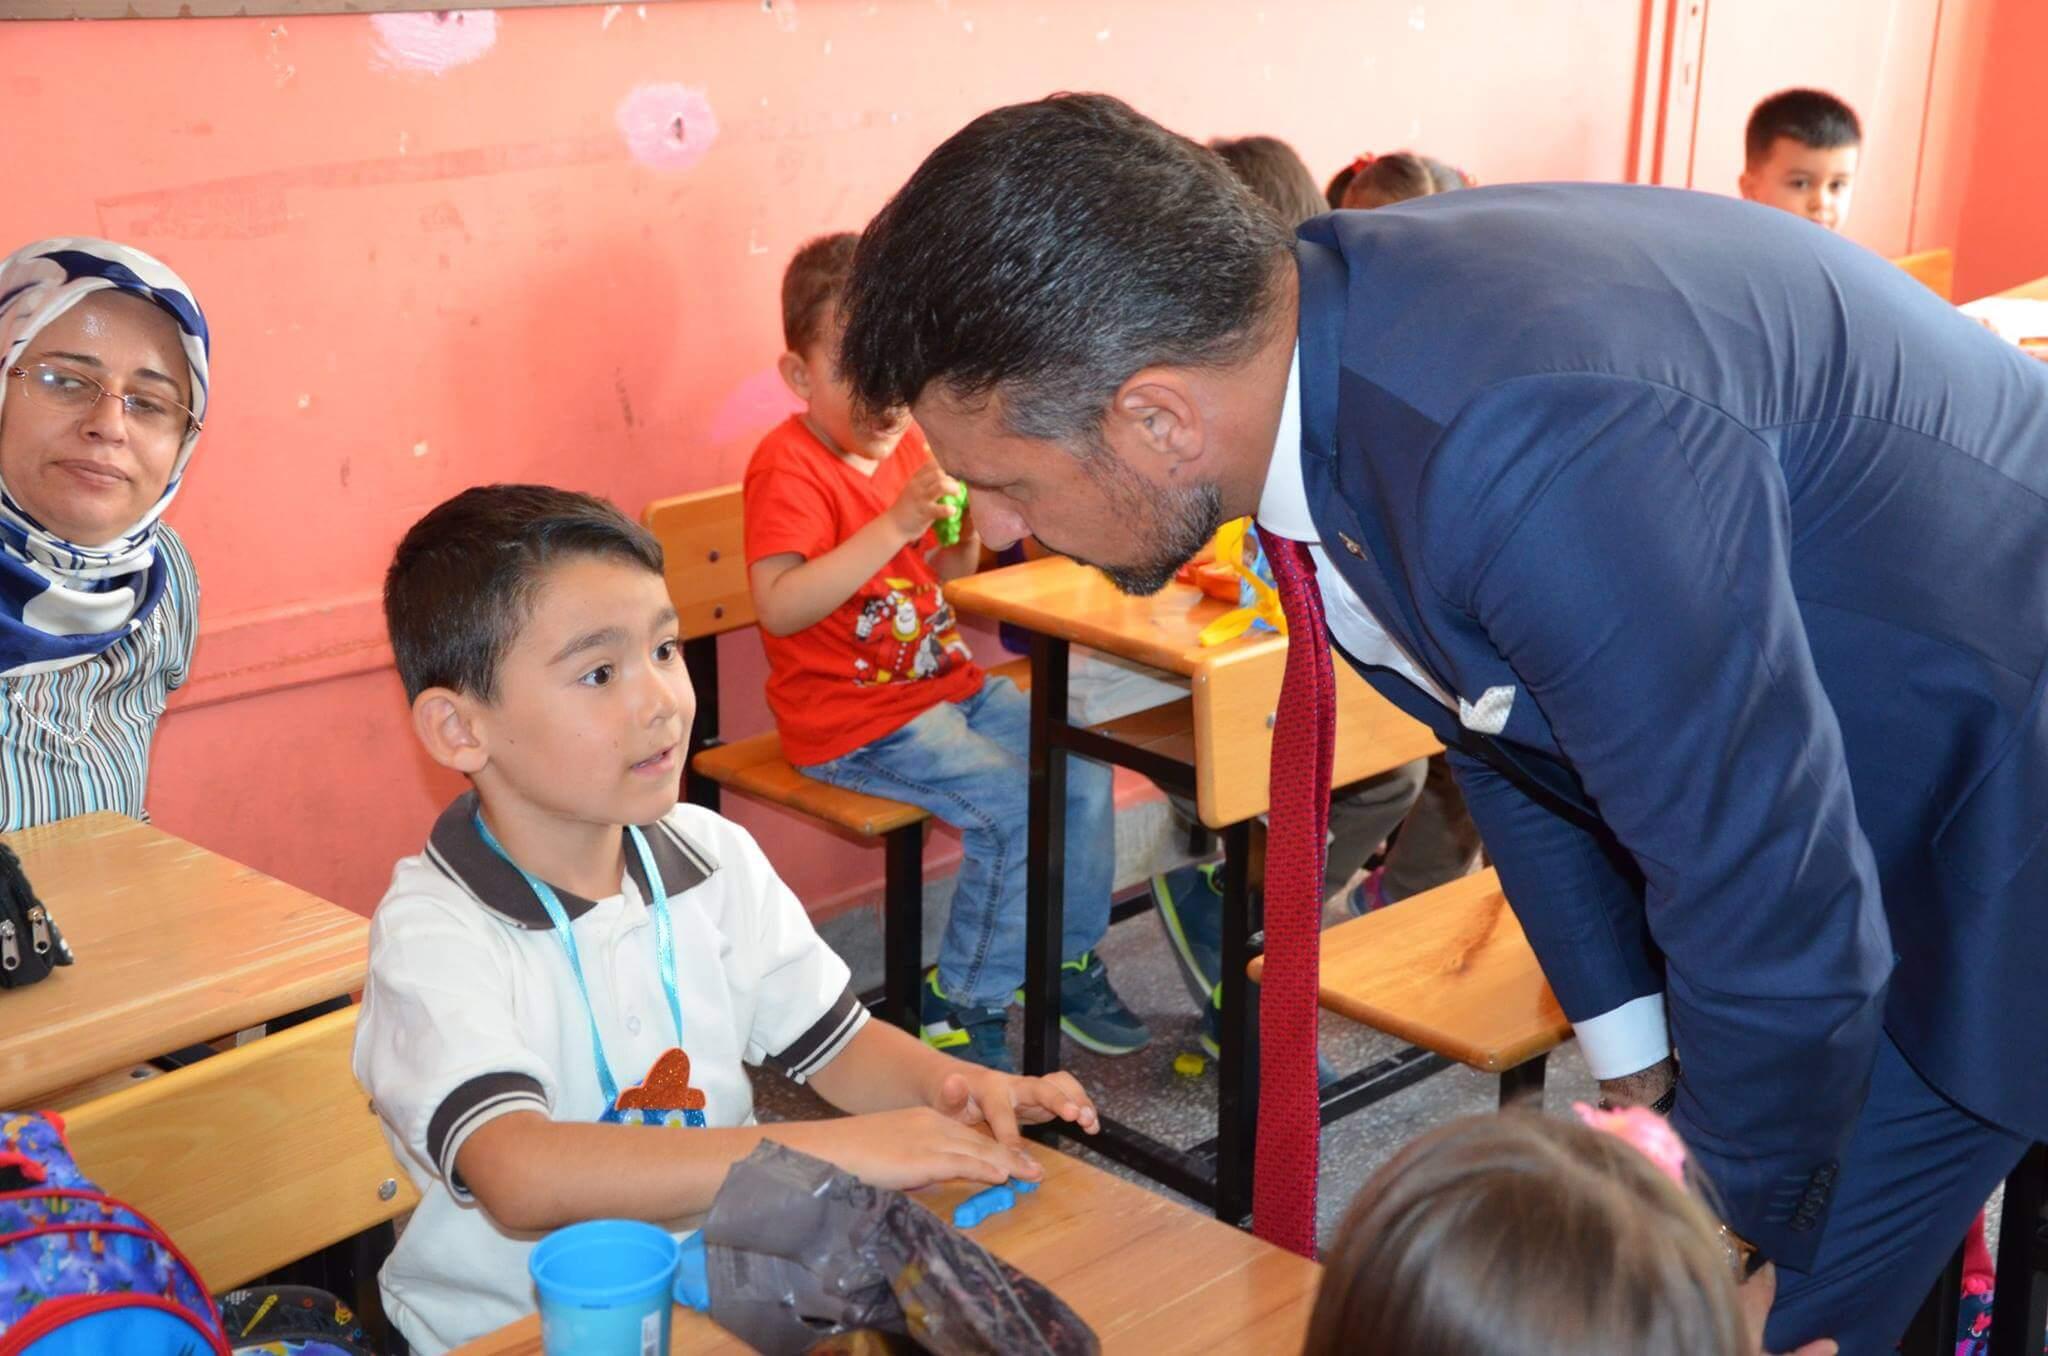 Başkan Yüzügüllü Okula Uyum Sürecinde Çocukları Yalnız Bırakmadı.